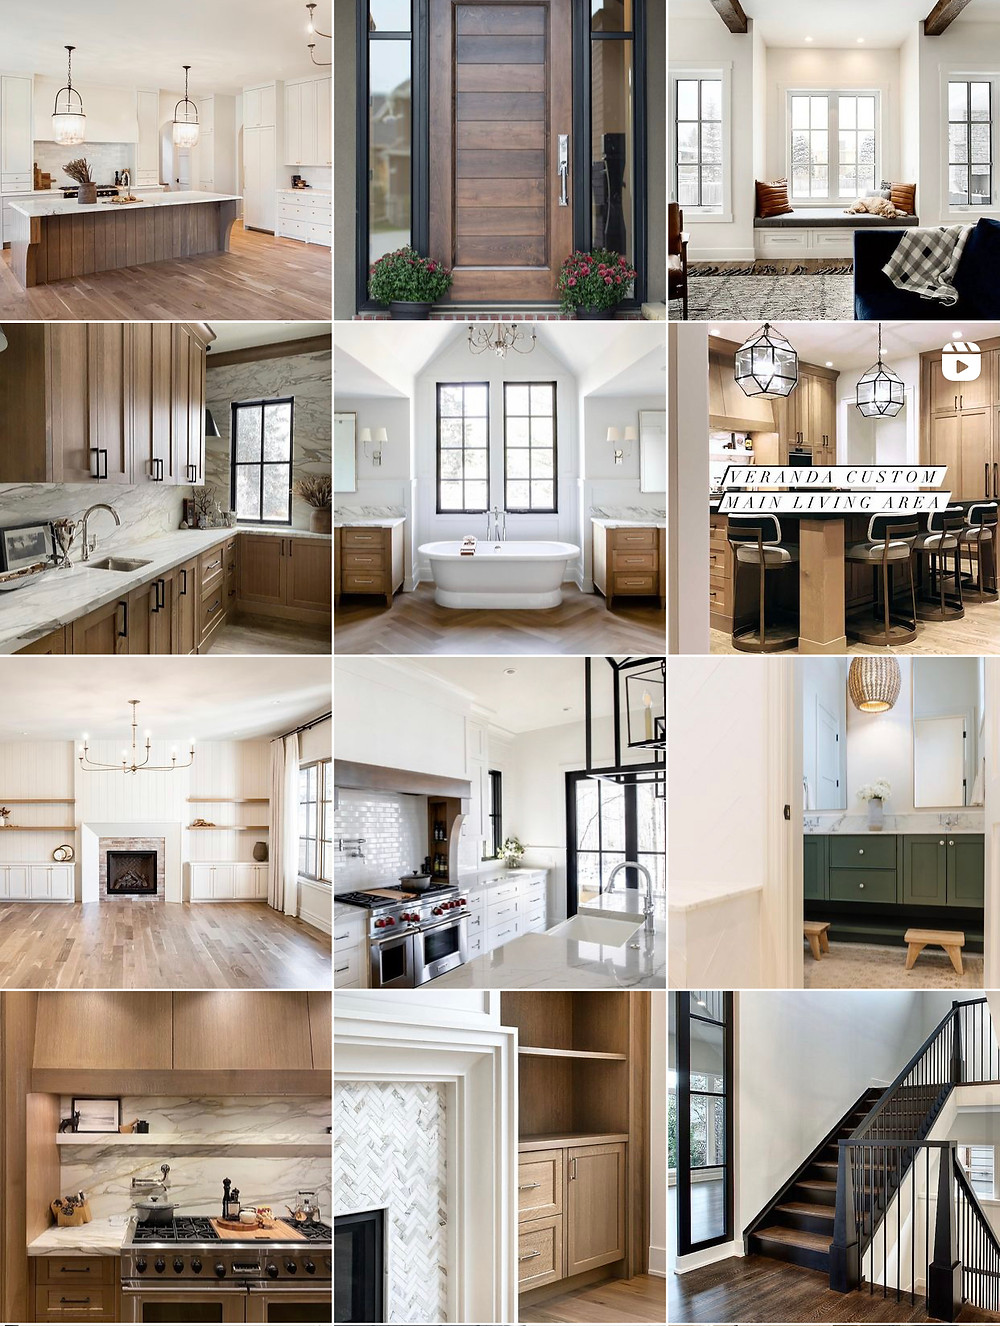 Veranda Estate Homes Top Builders on Instagram